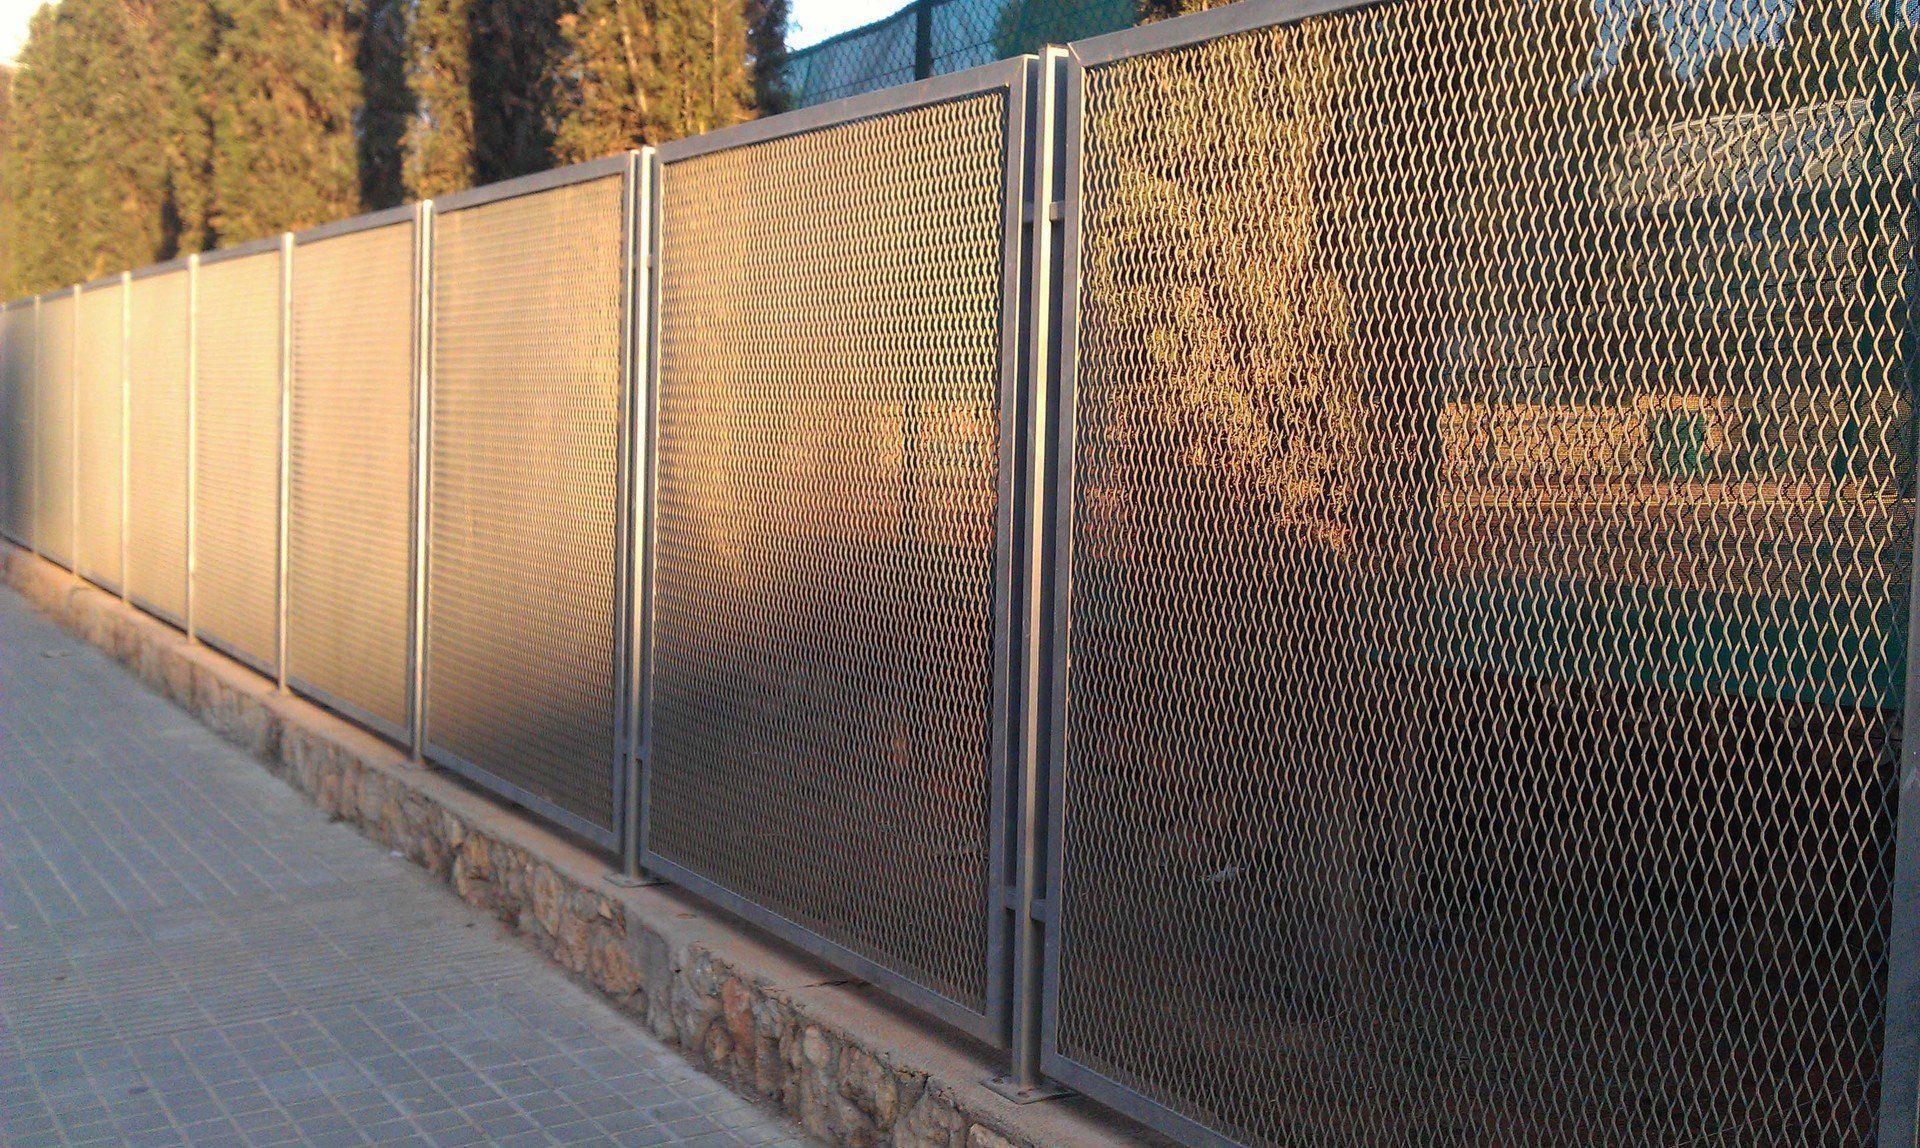 Verjas Decorativas Metalicas Deploye De Cerramientos Vadia